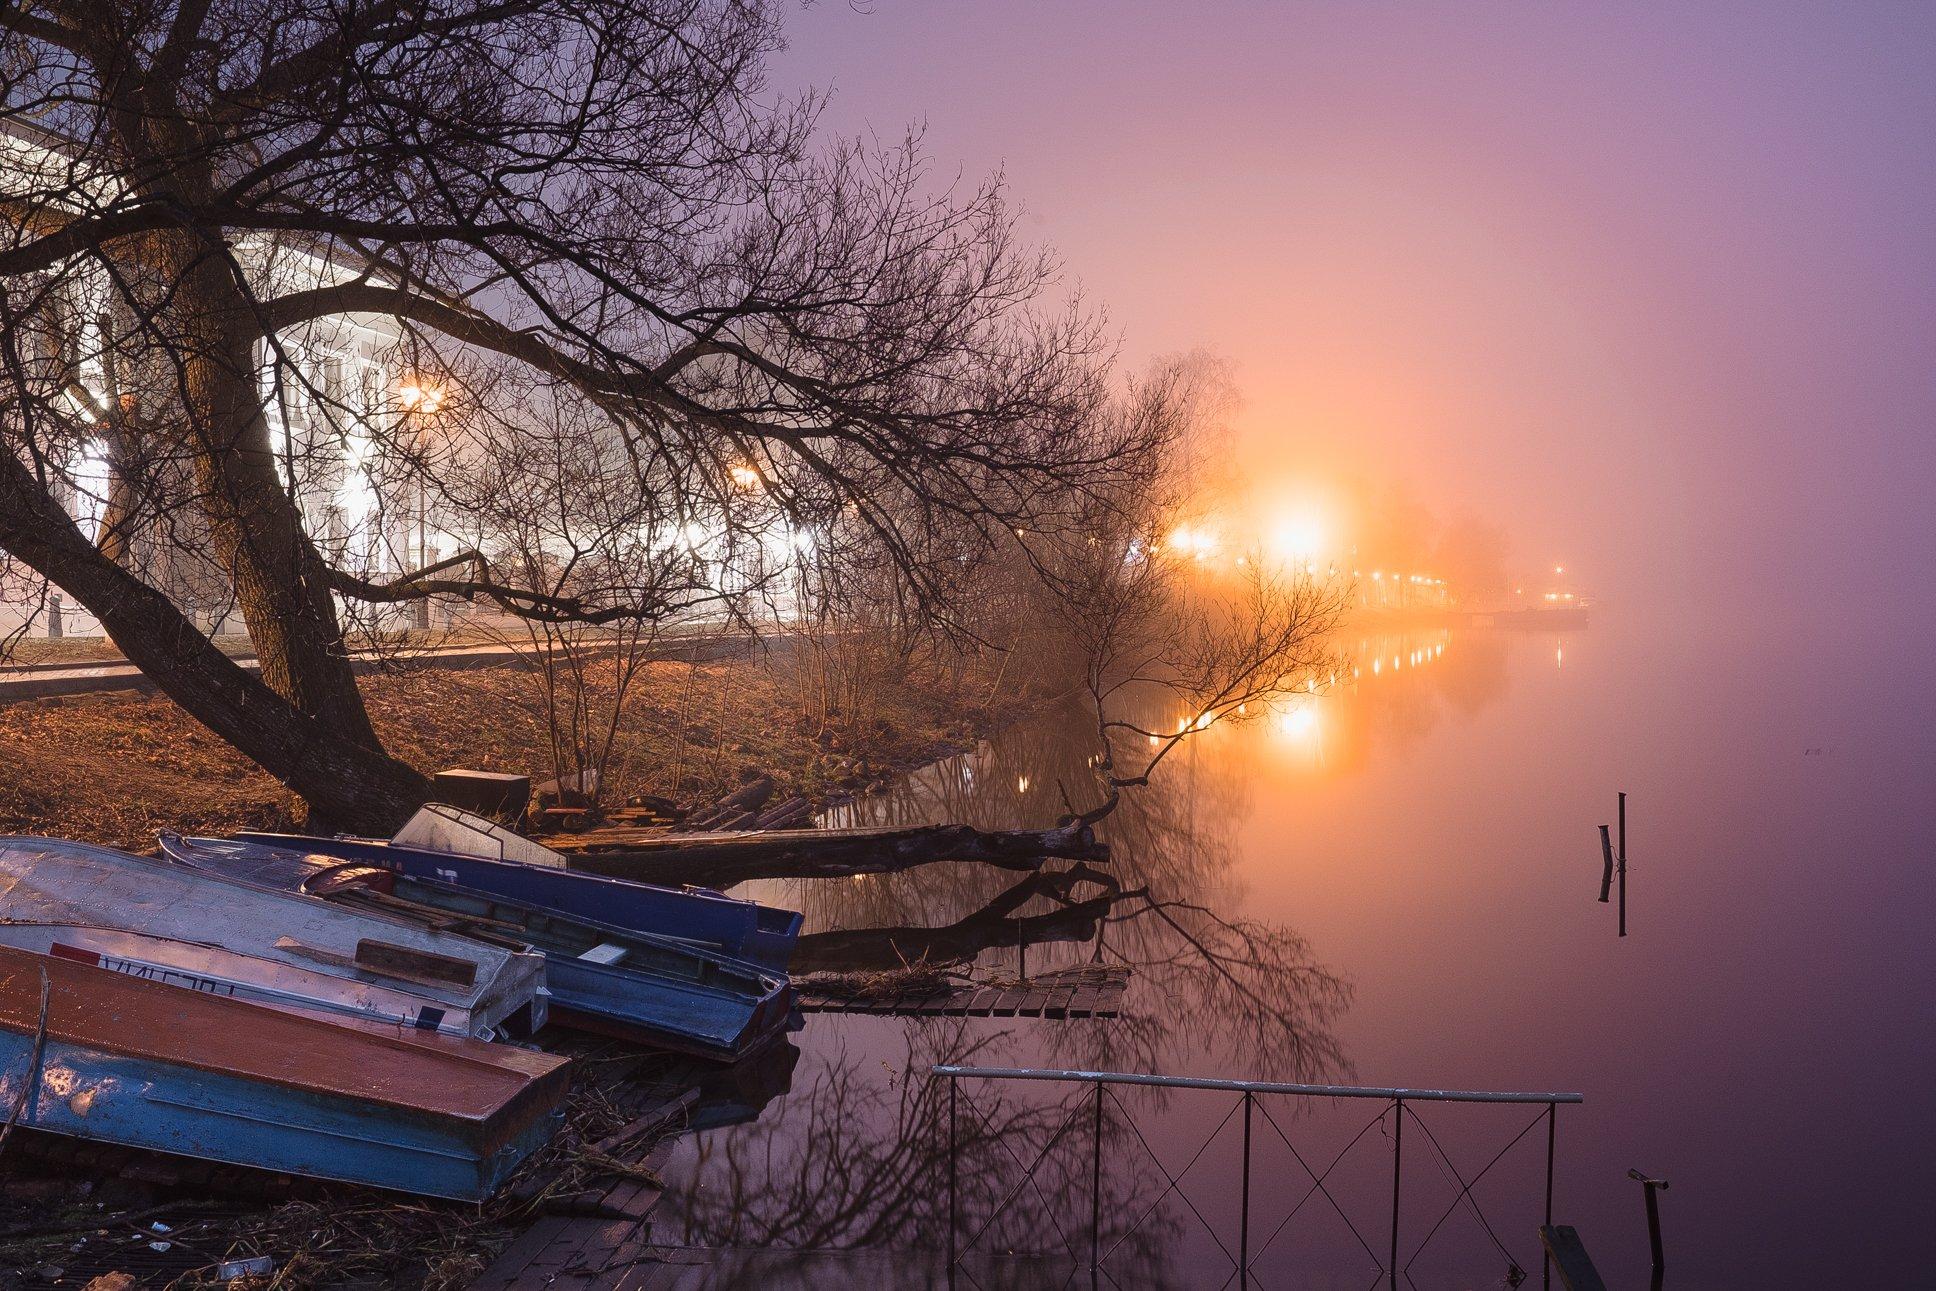 ночь, свет, туман, плёс, иваново, россия, пейзаж, fujifilm, xtrance, landscape, night, fog, Кирилл Соколов